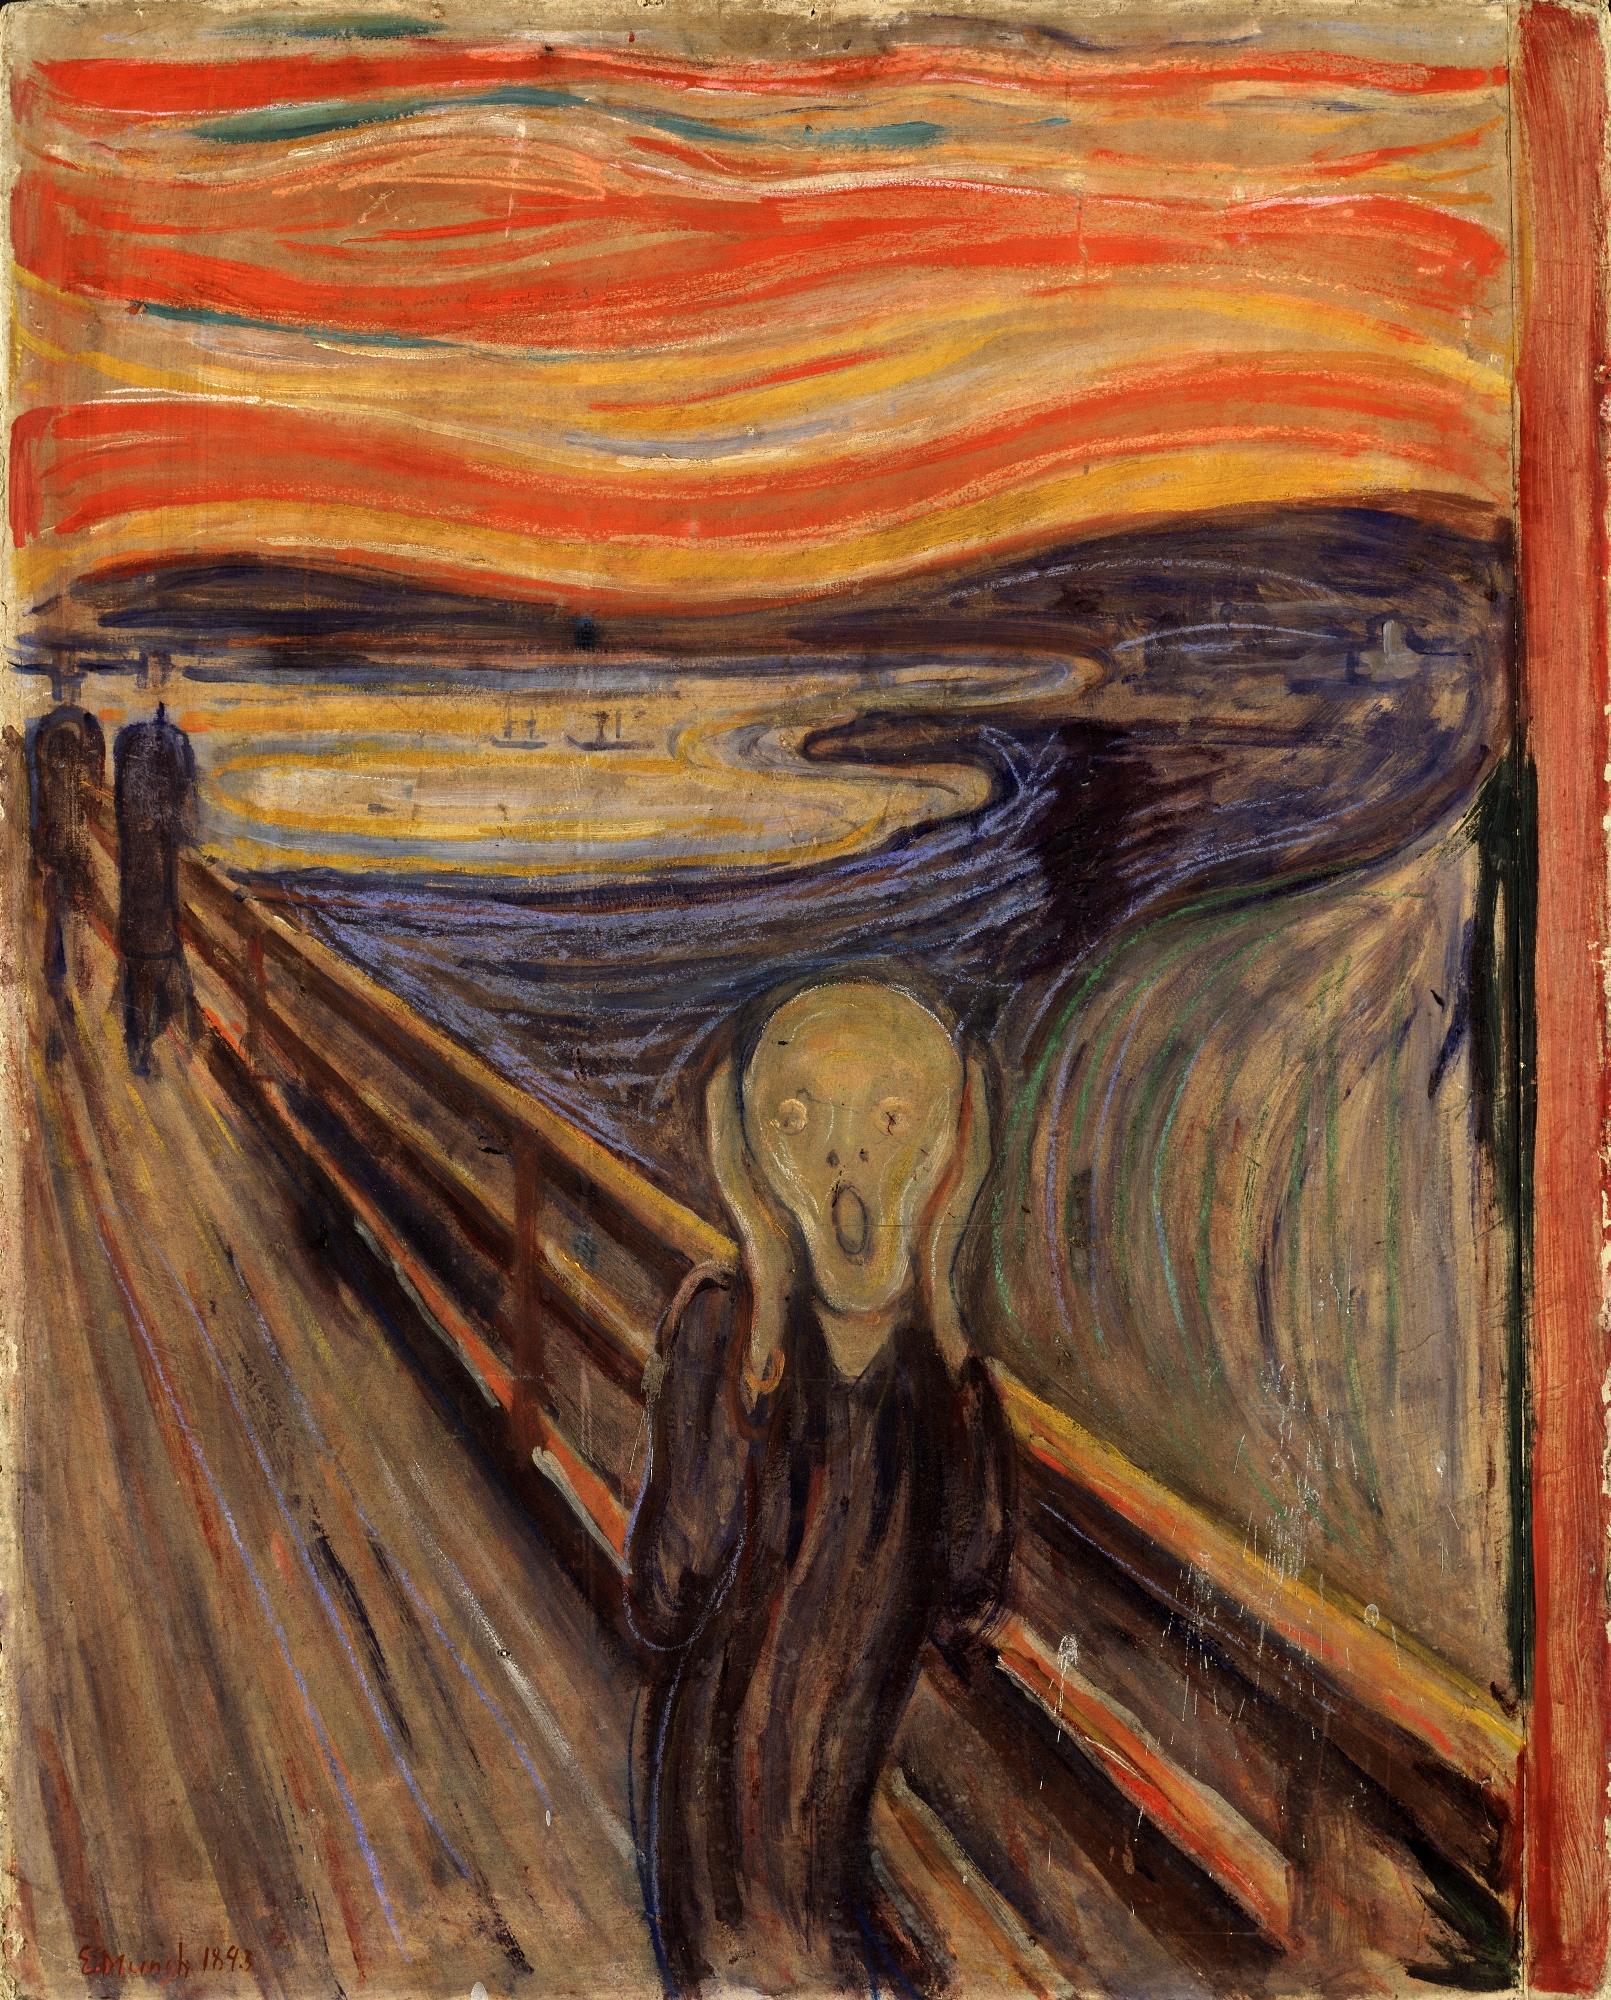 Эдвард Мунк. Крик. 1893. Картон, масло, темпера, пастель. 91х73,5 см. Национальная галерея, Осло.